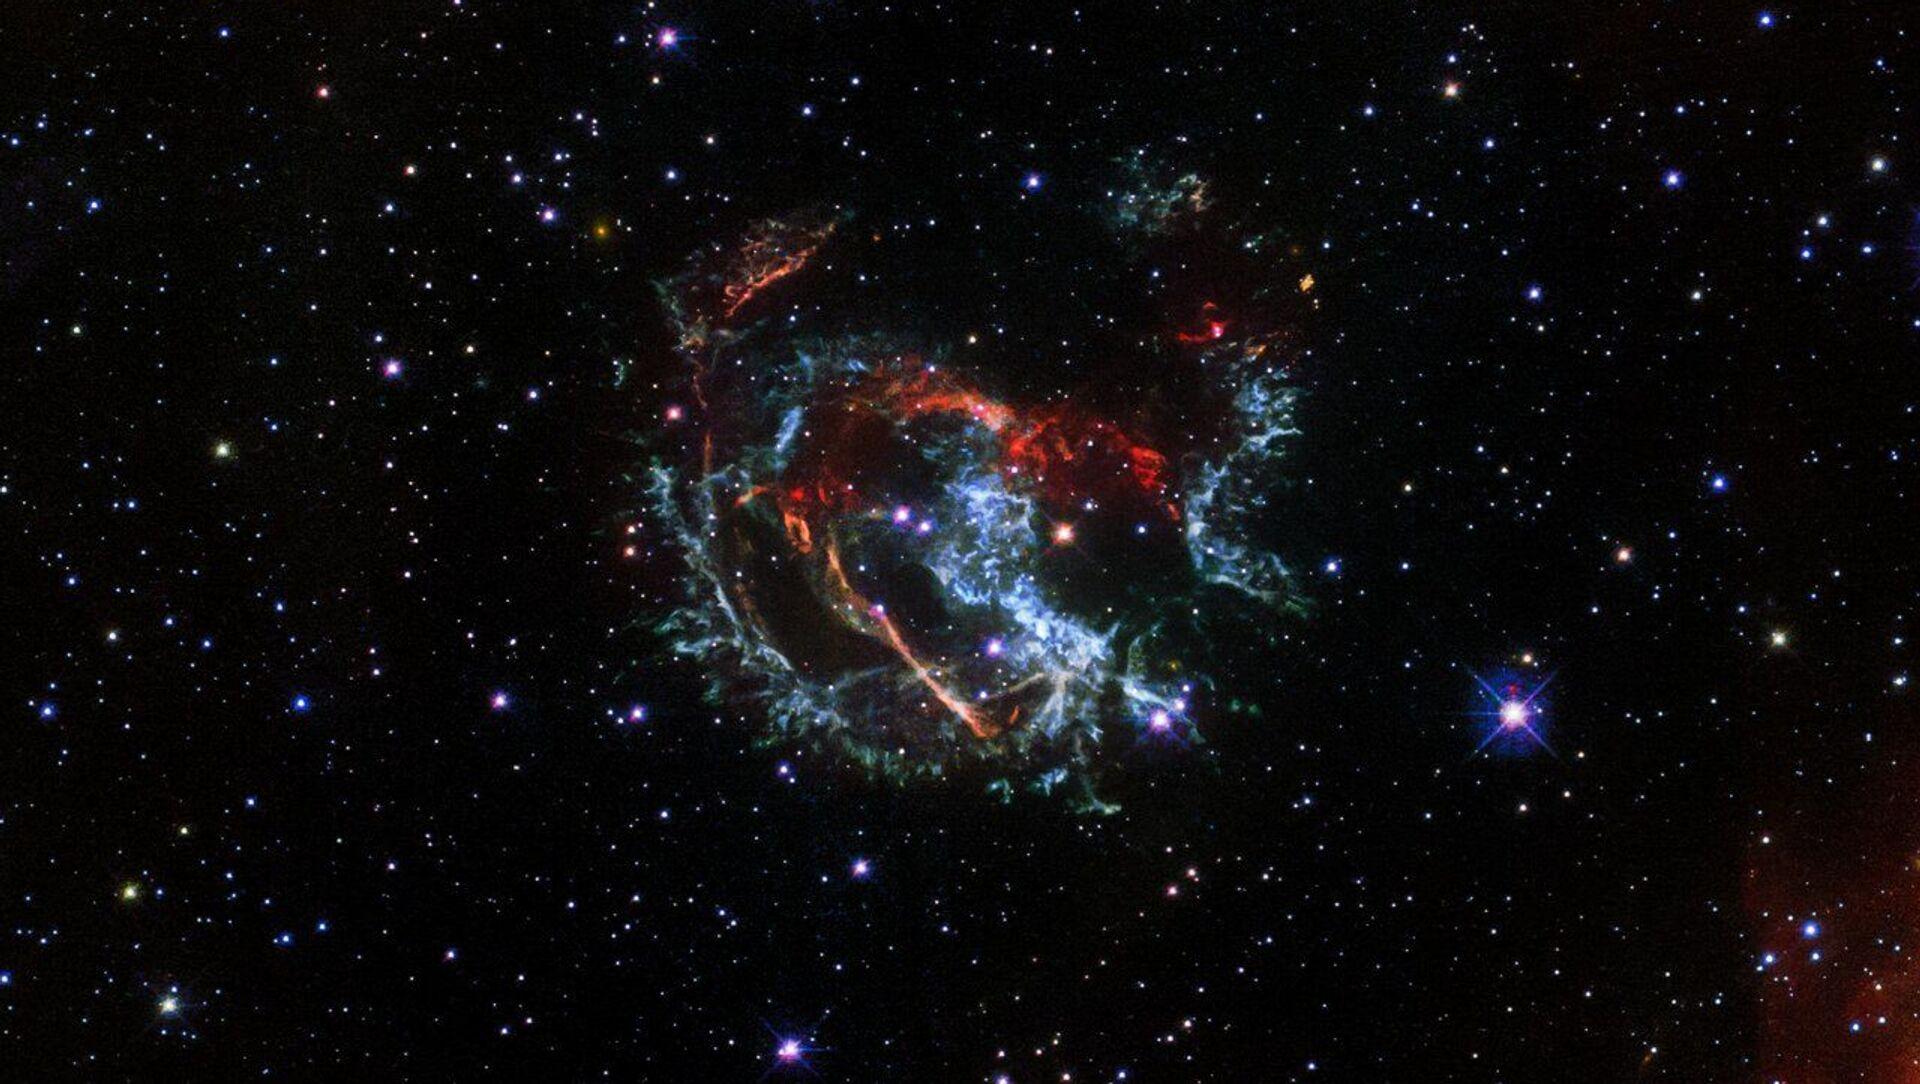 Una foto della supernova 1E 0102.2-7219, fatta con il telescopio spaziale Hubble  - Sputnik Italia, 1920, 04.03.2021